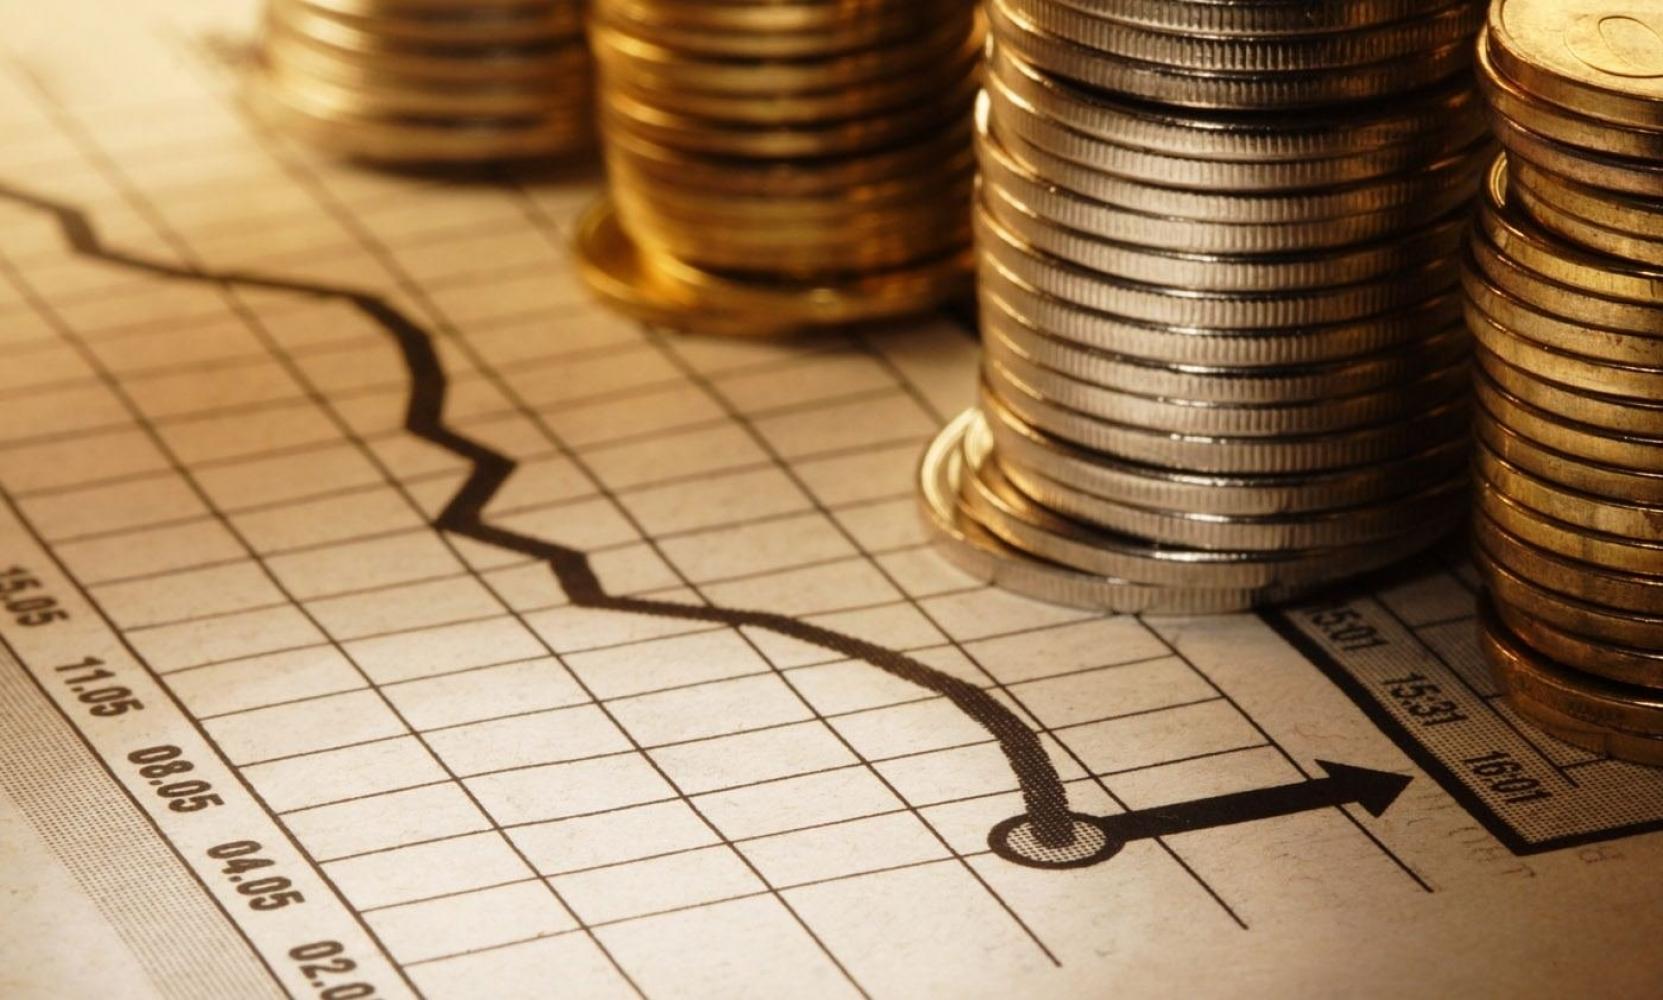 Доходы бюджета Кабардино-Балкарии превышают прошлогодние показатели на 35%